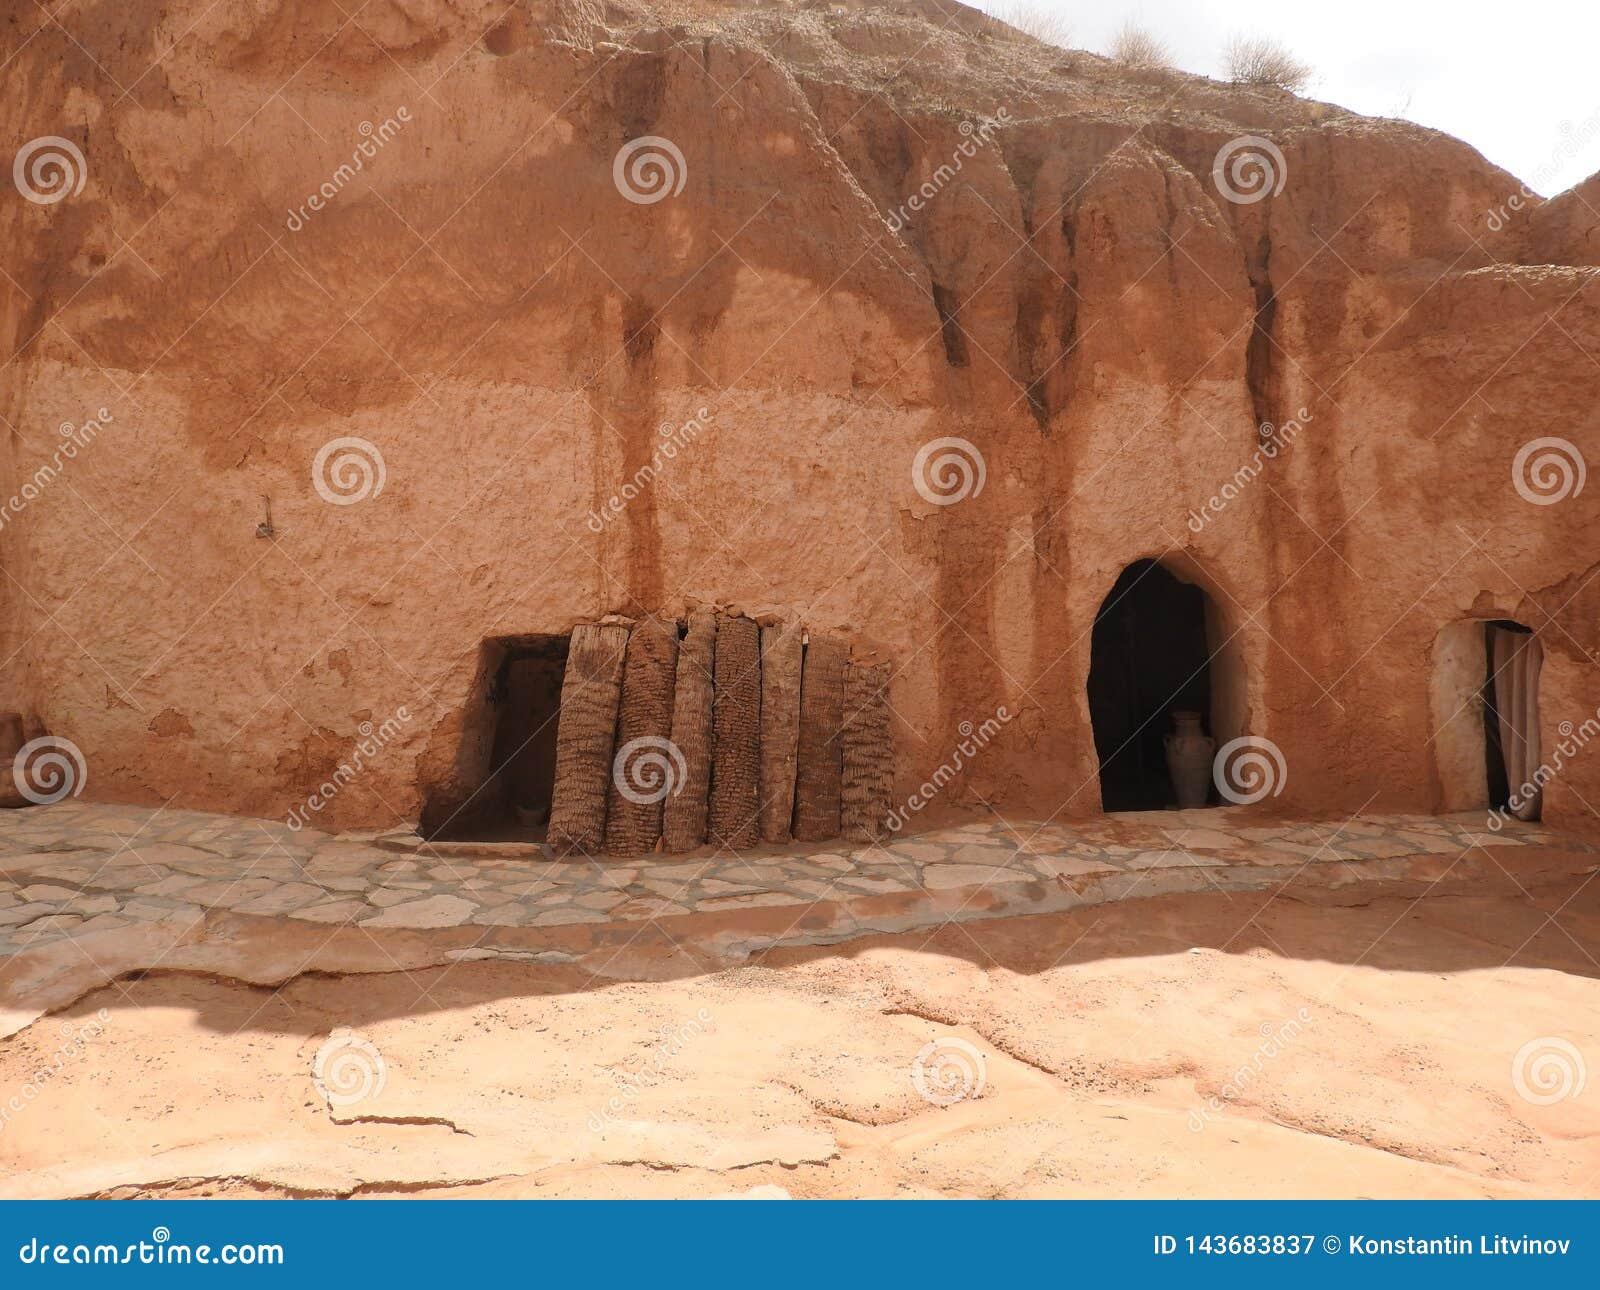 Cavernes souterraines de troglodytes des Berbers dans le désert du Sahara, Matmata, Tunisie, Afrique, un temps clair